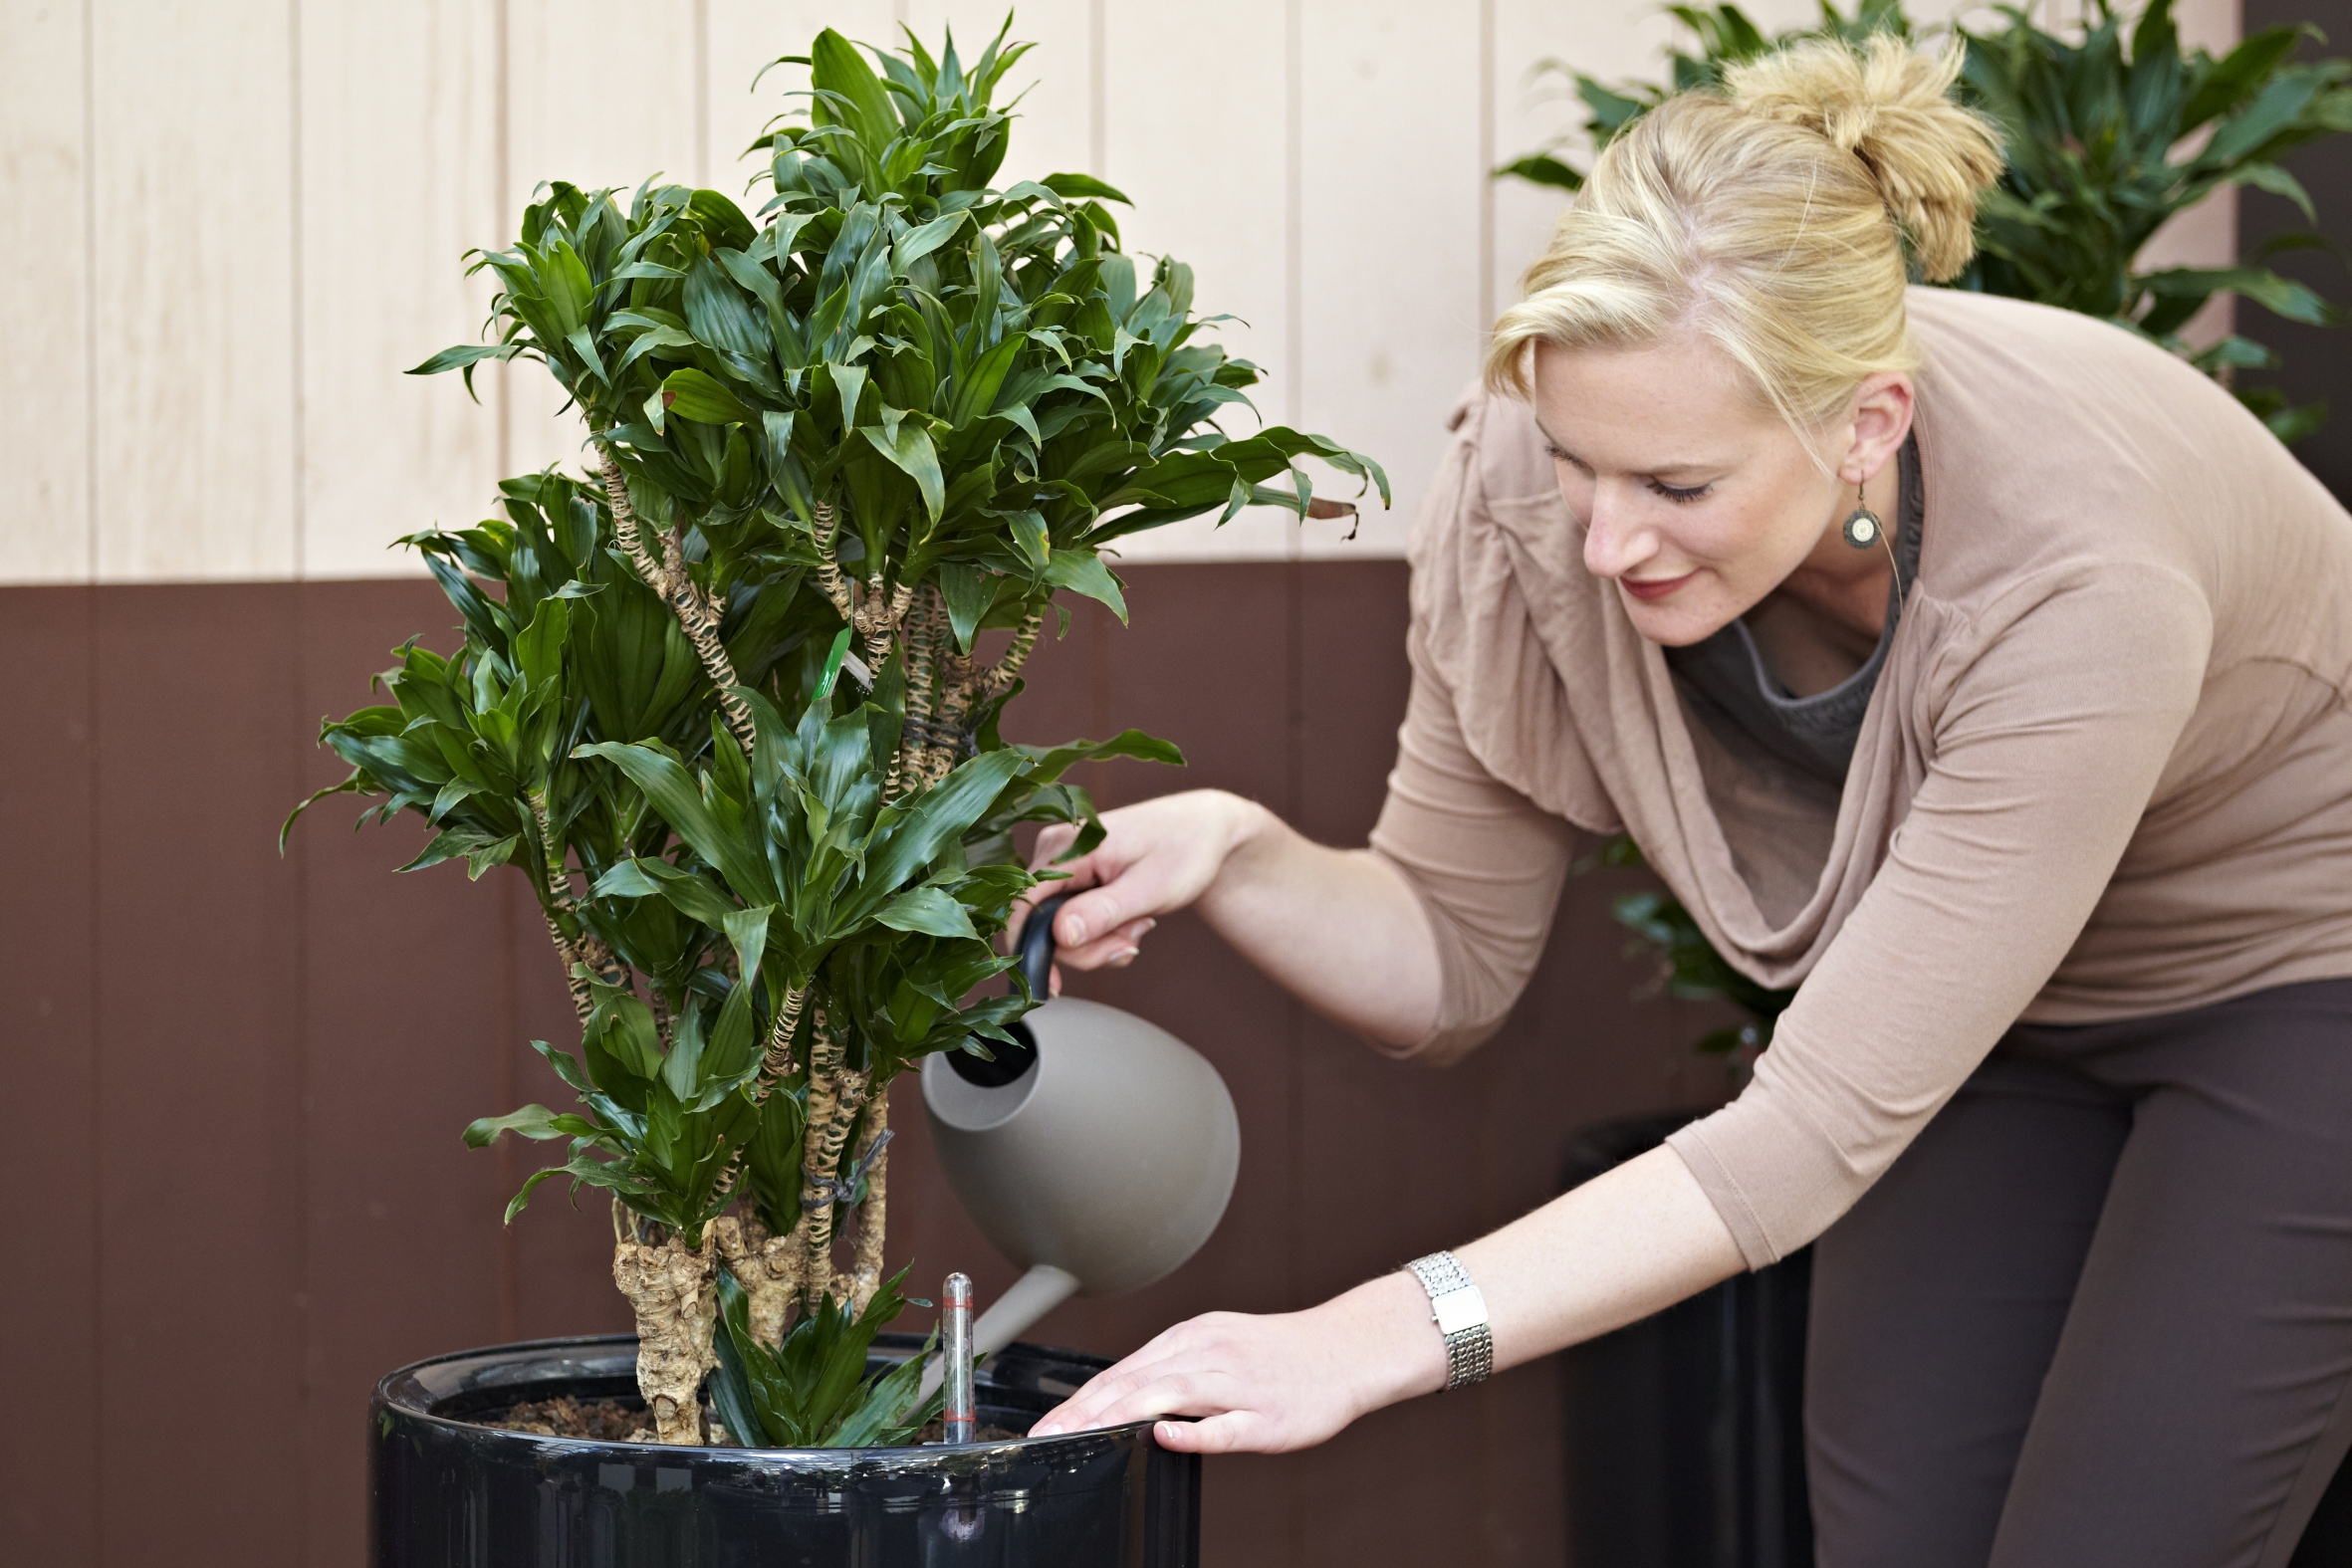 Hydrokultur Sorgt Für Schöne Pflanzen Und Gesunde Menschen Das